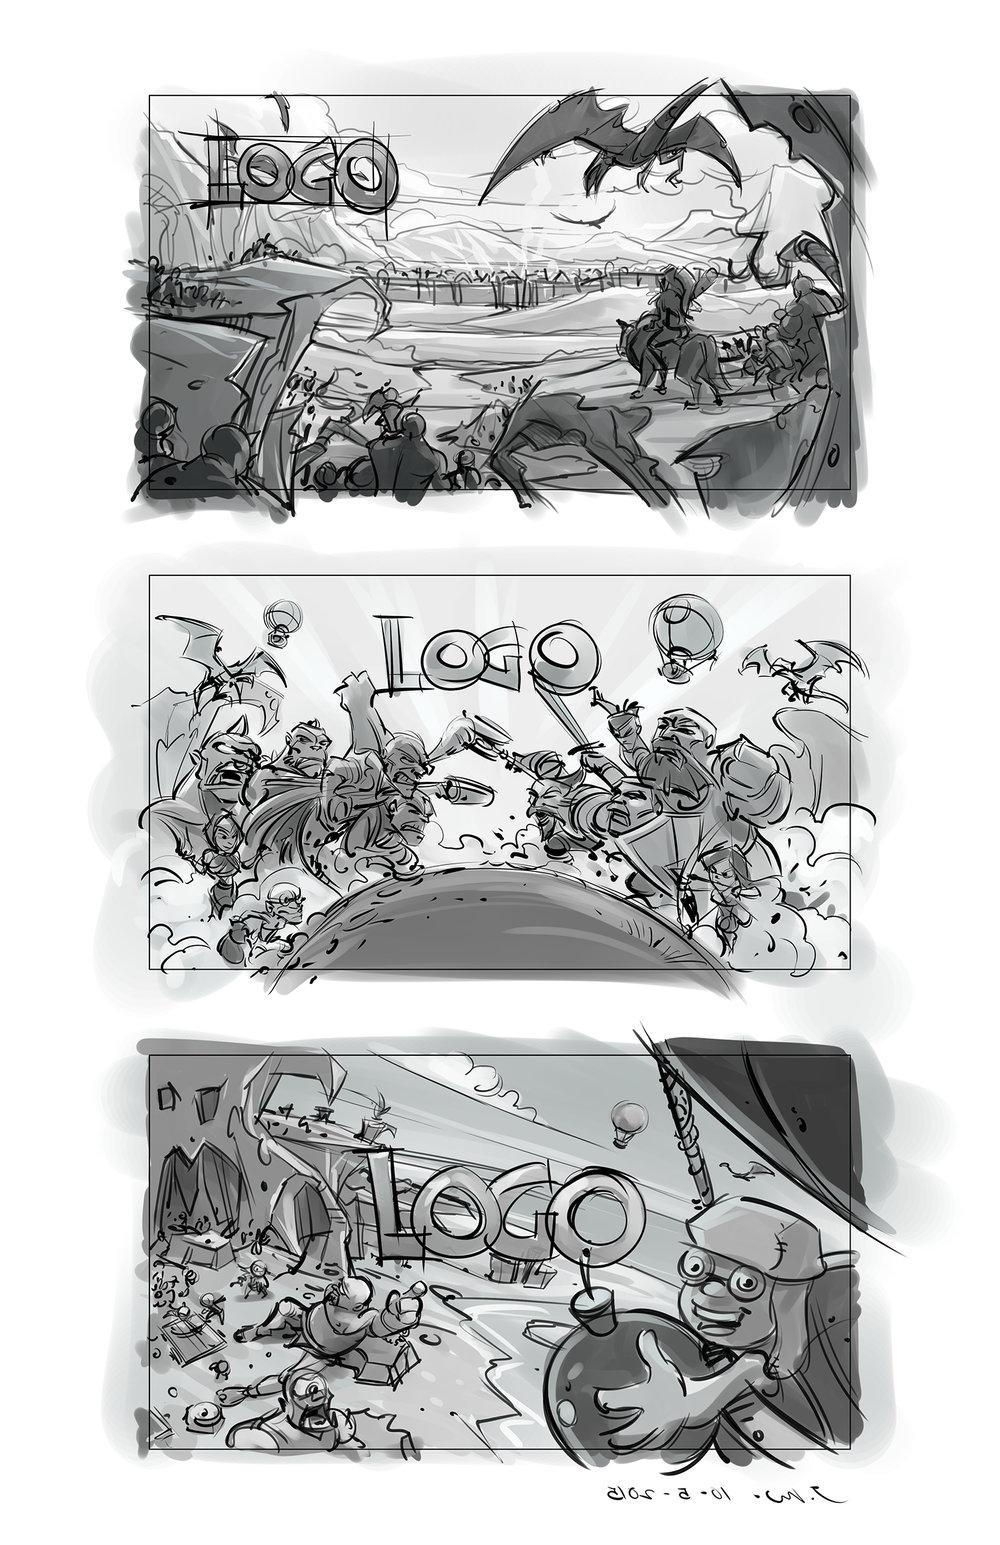 Poster_Thumbnail Sketches.jpg